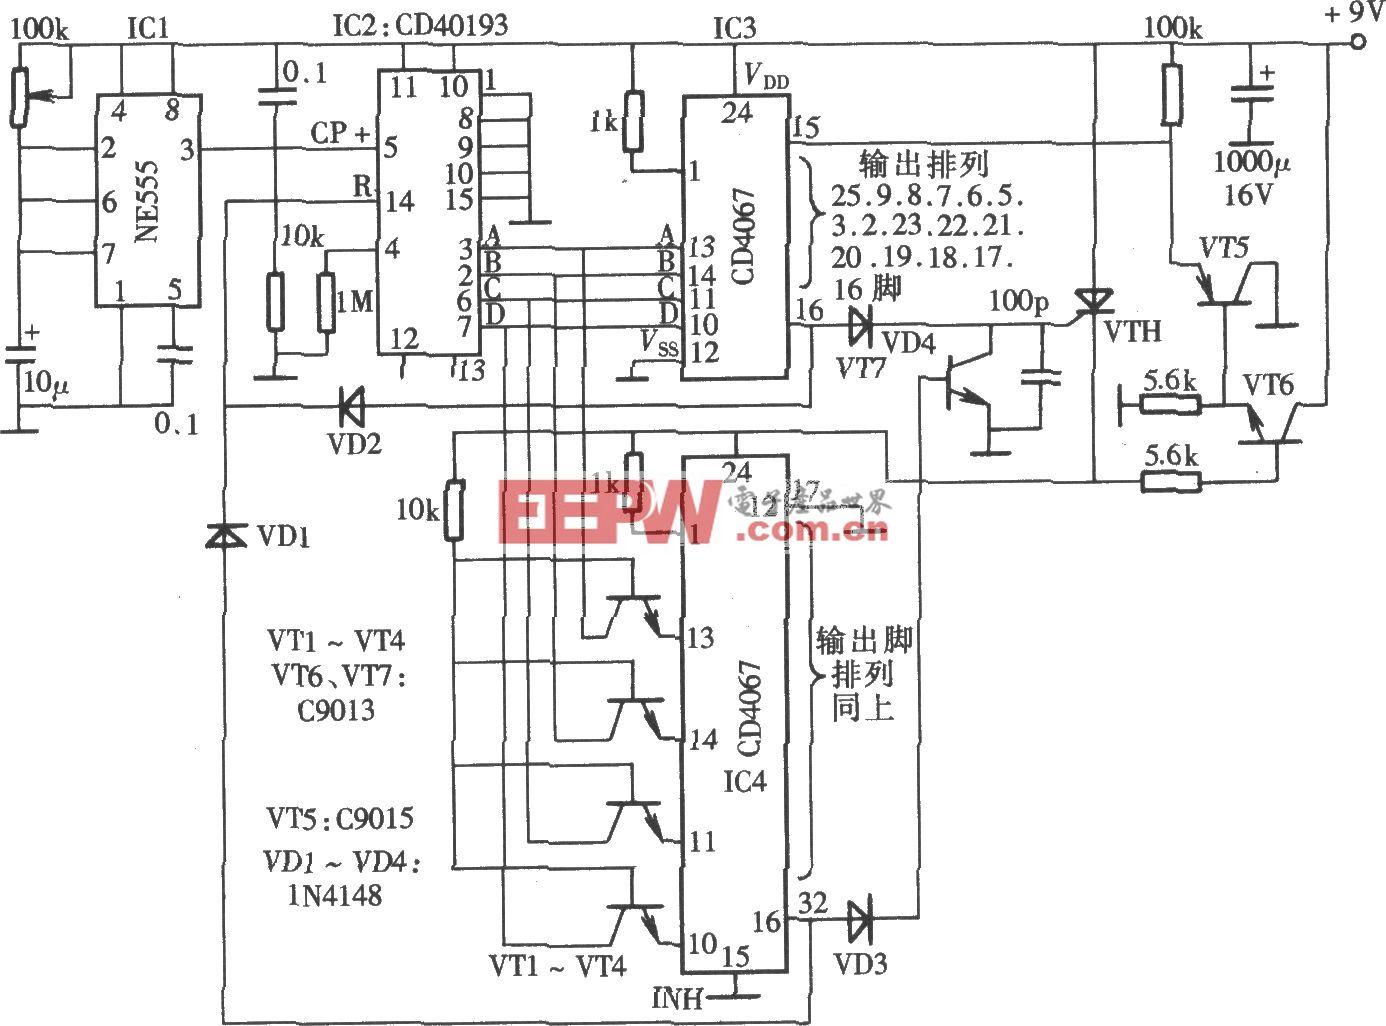 三十位流水灯数控电路(CD4067、CD40193、NE555)